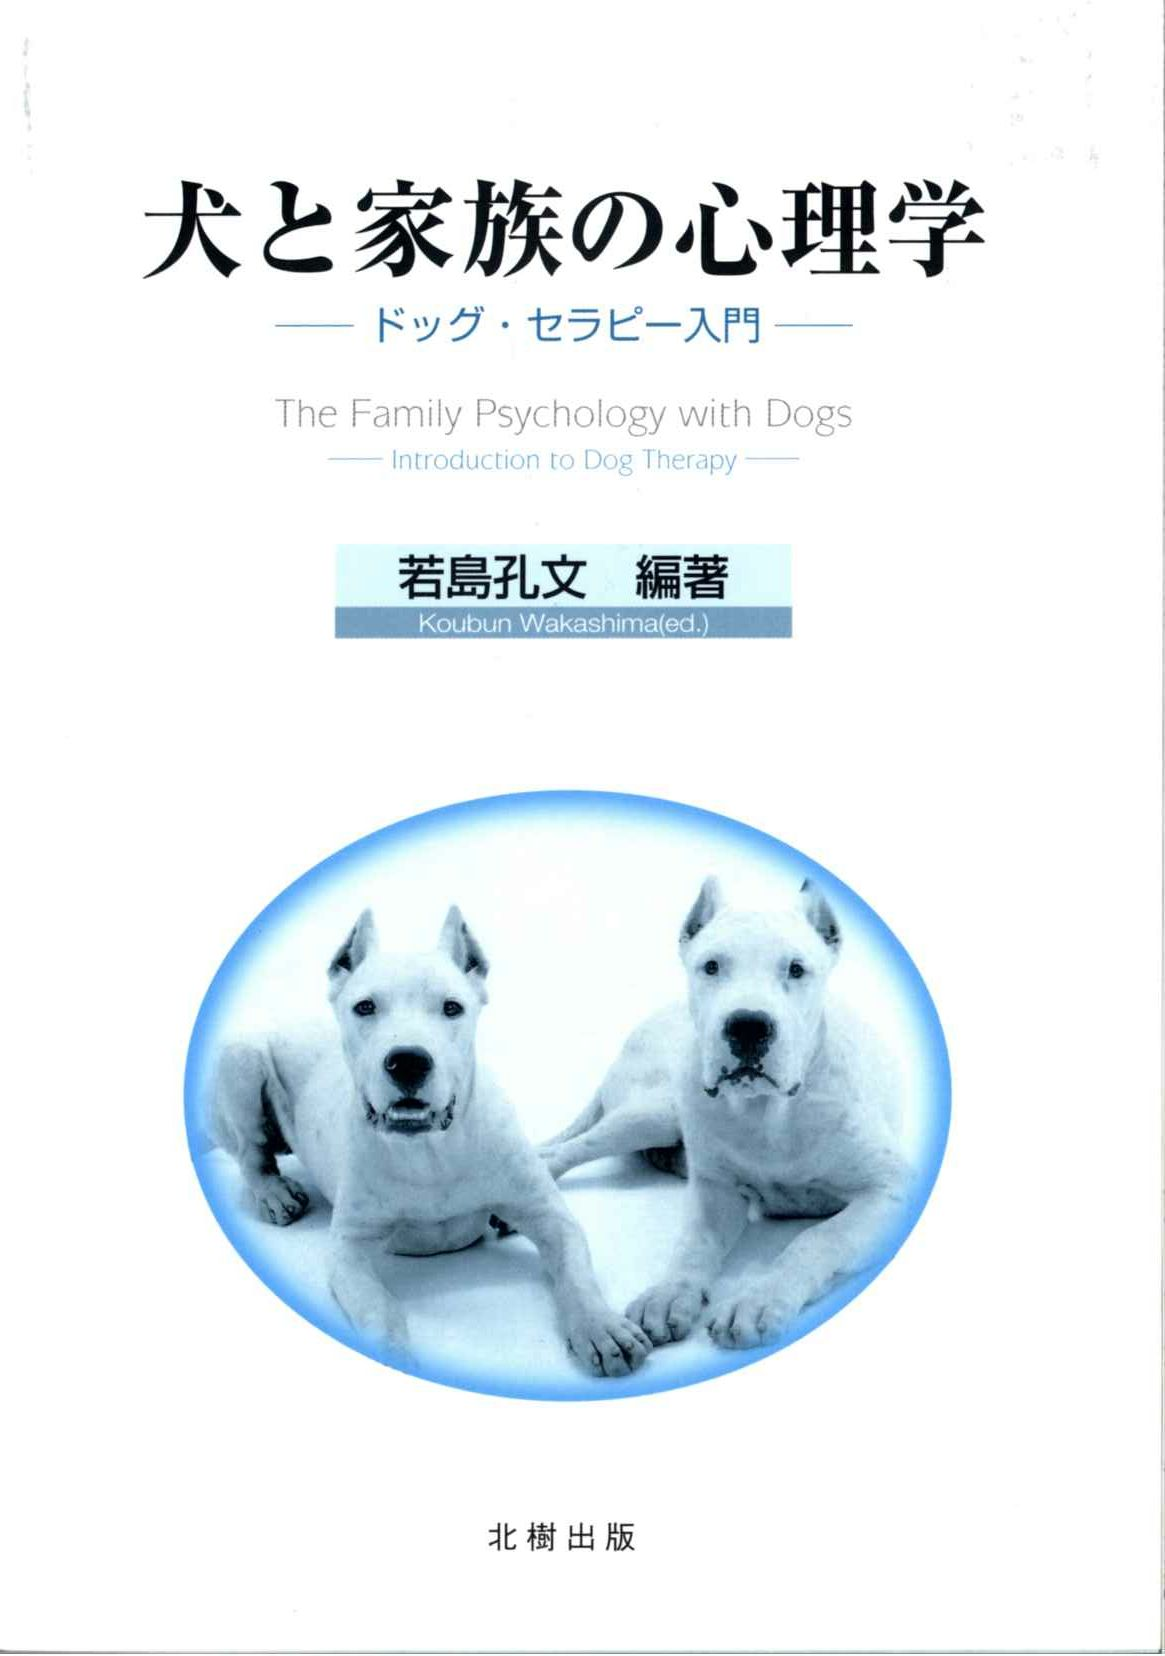 犬と家族の心理学